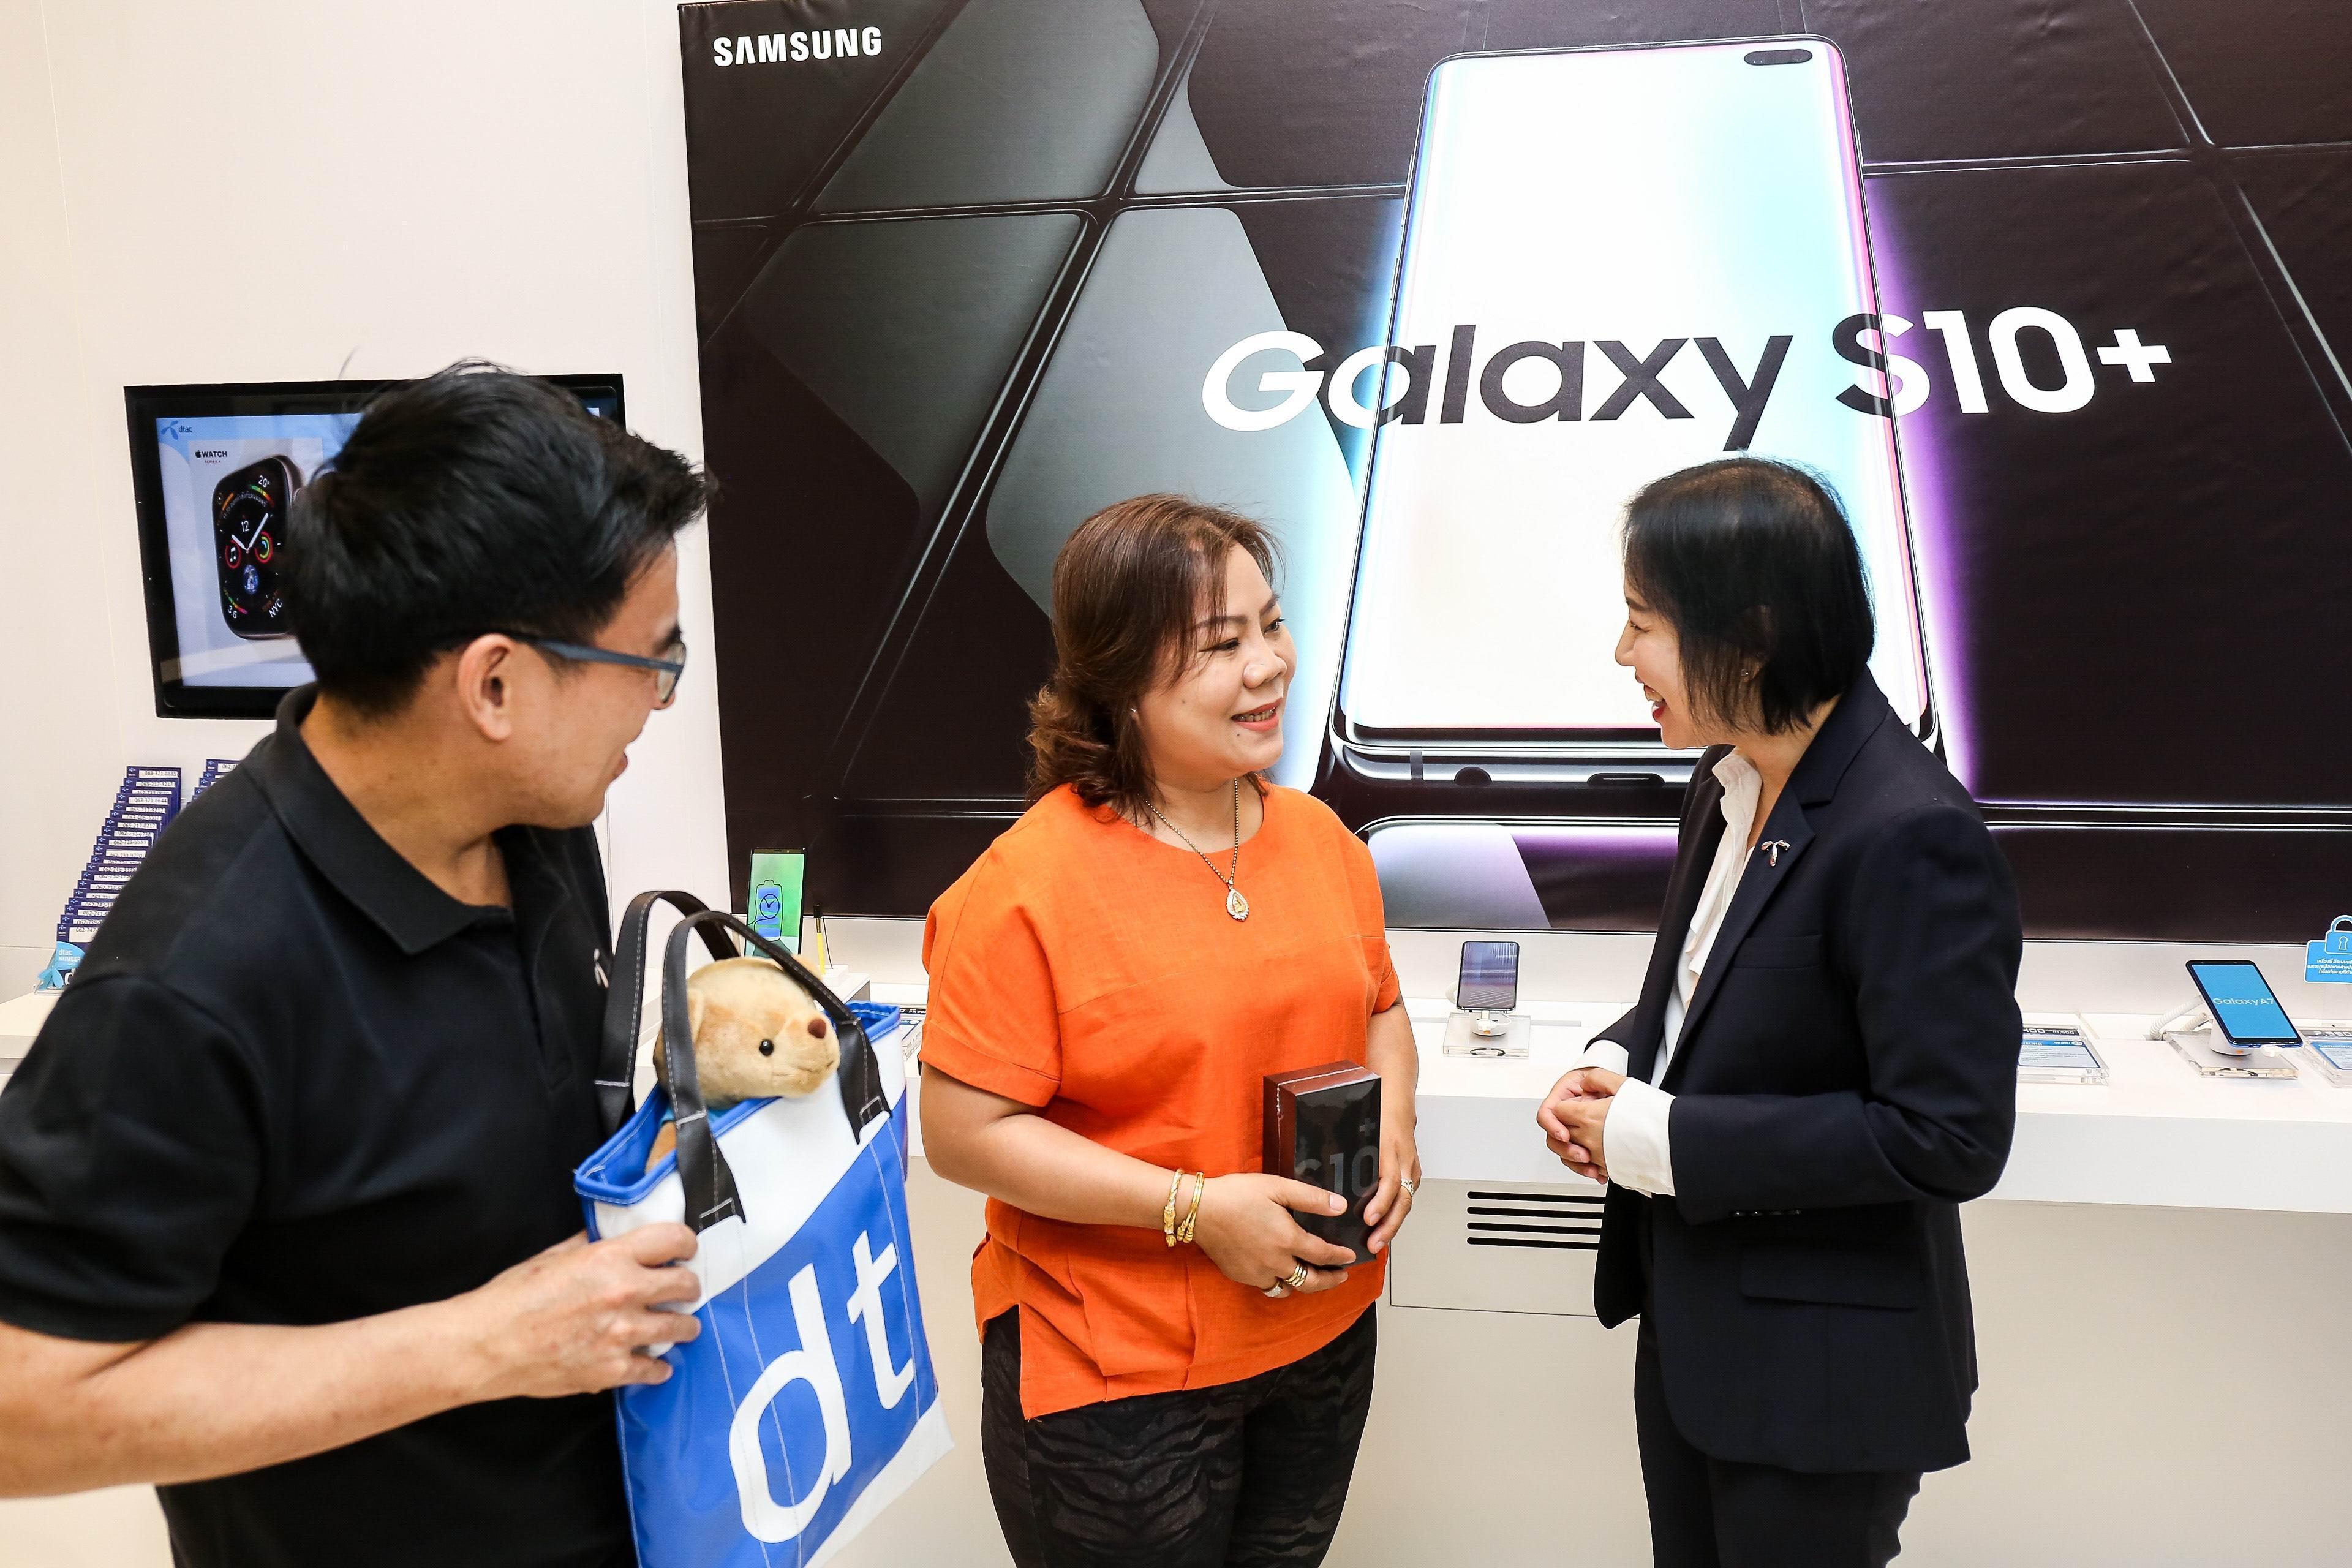 ลูกค้าดีแทค บลูเมมเบอร์ คนพิเศษรับซัมซุง Galaxy S10/S10+  กลุ่มแรกก่อนใครในไทย เปิดประสบการณ์สุดยอดสมาร์ทโฟนระดับพรีเมี่ยม